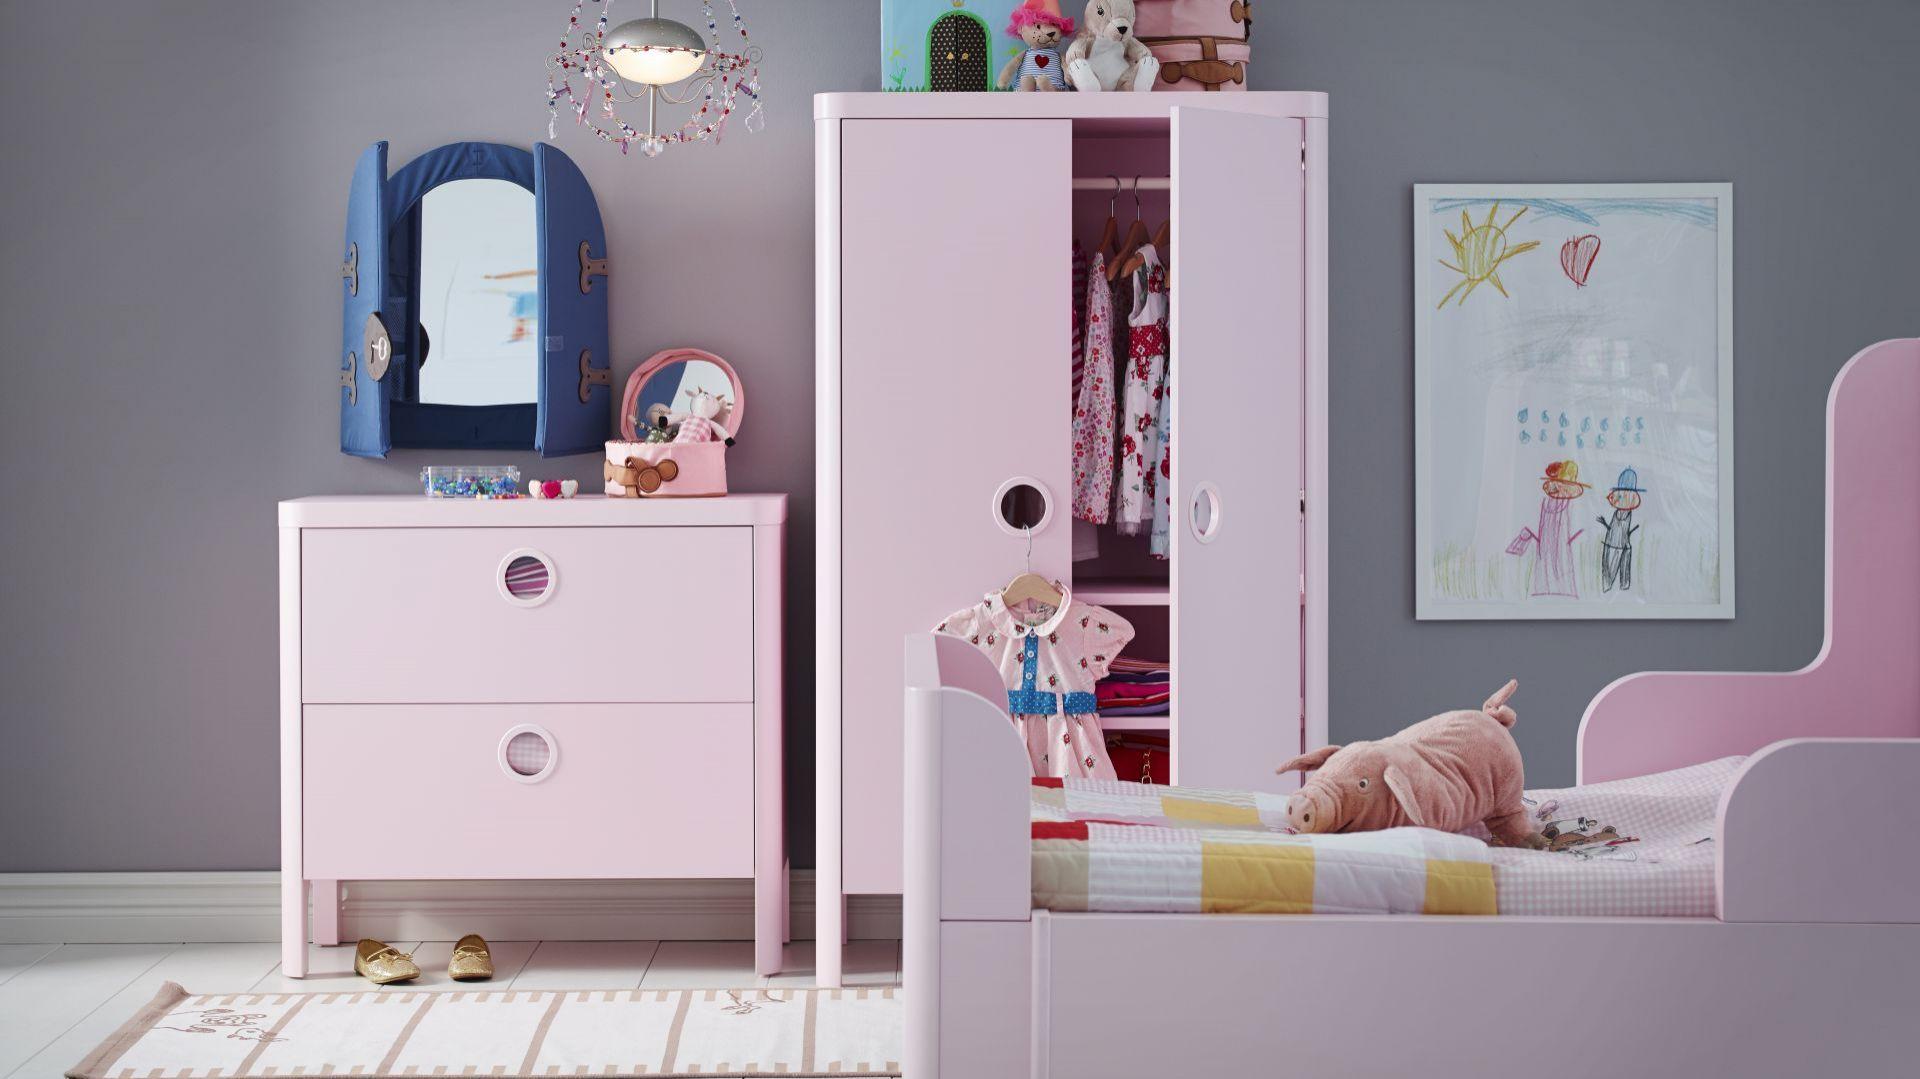 Ikea łóżko dla dziecka – na które się zdecydować?